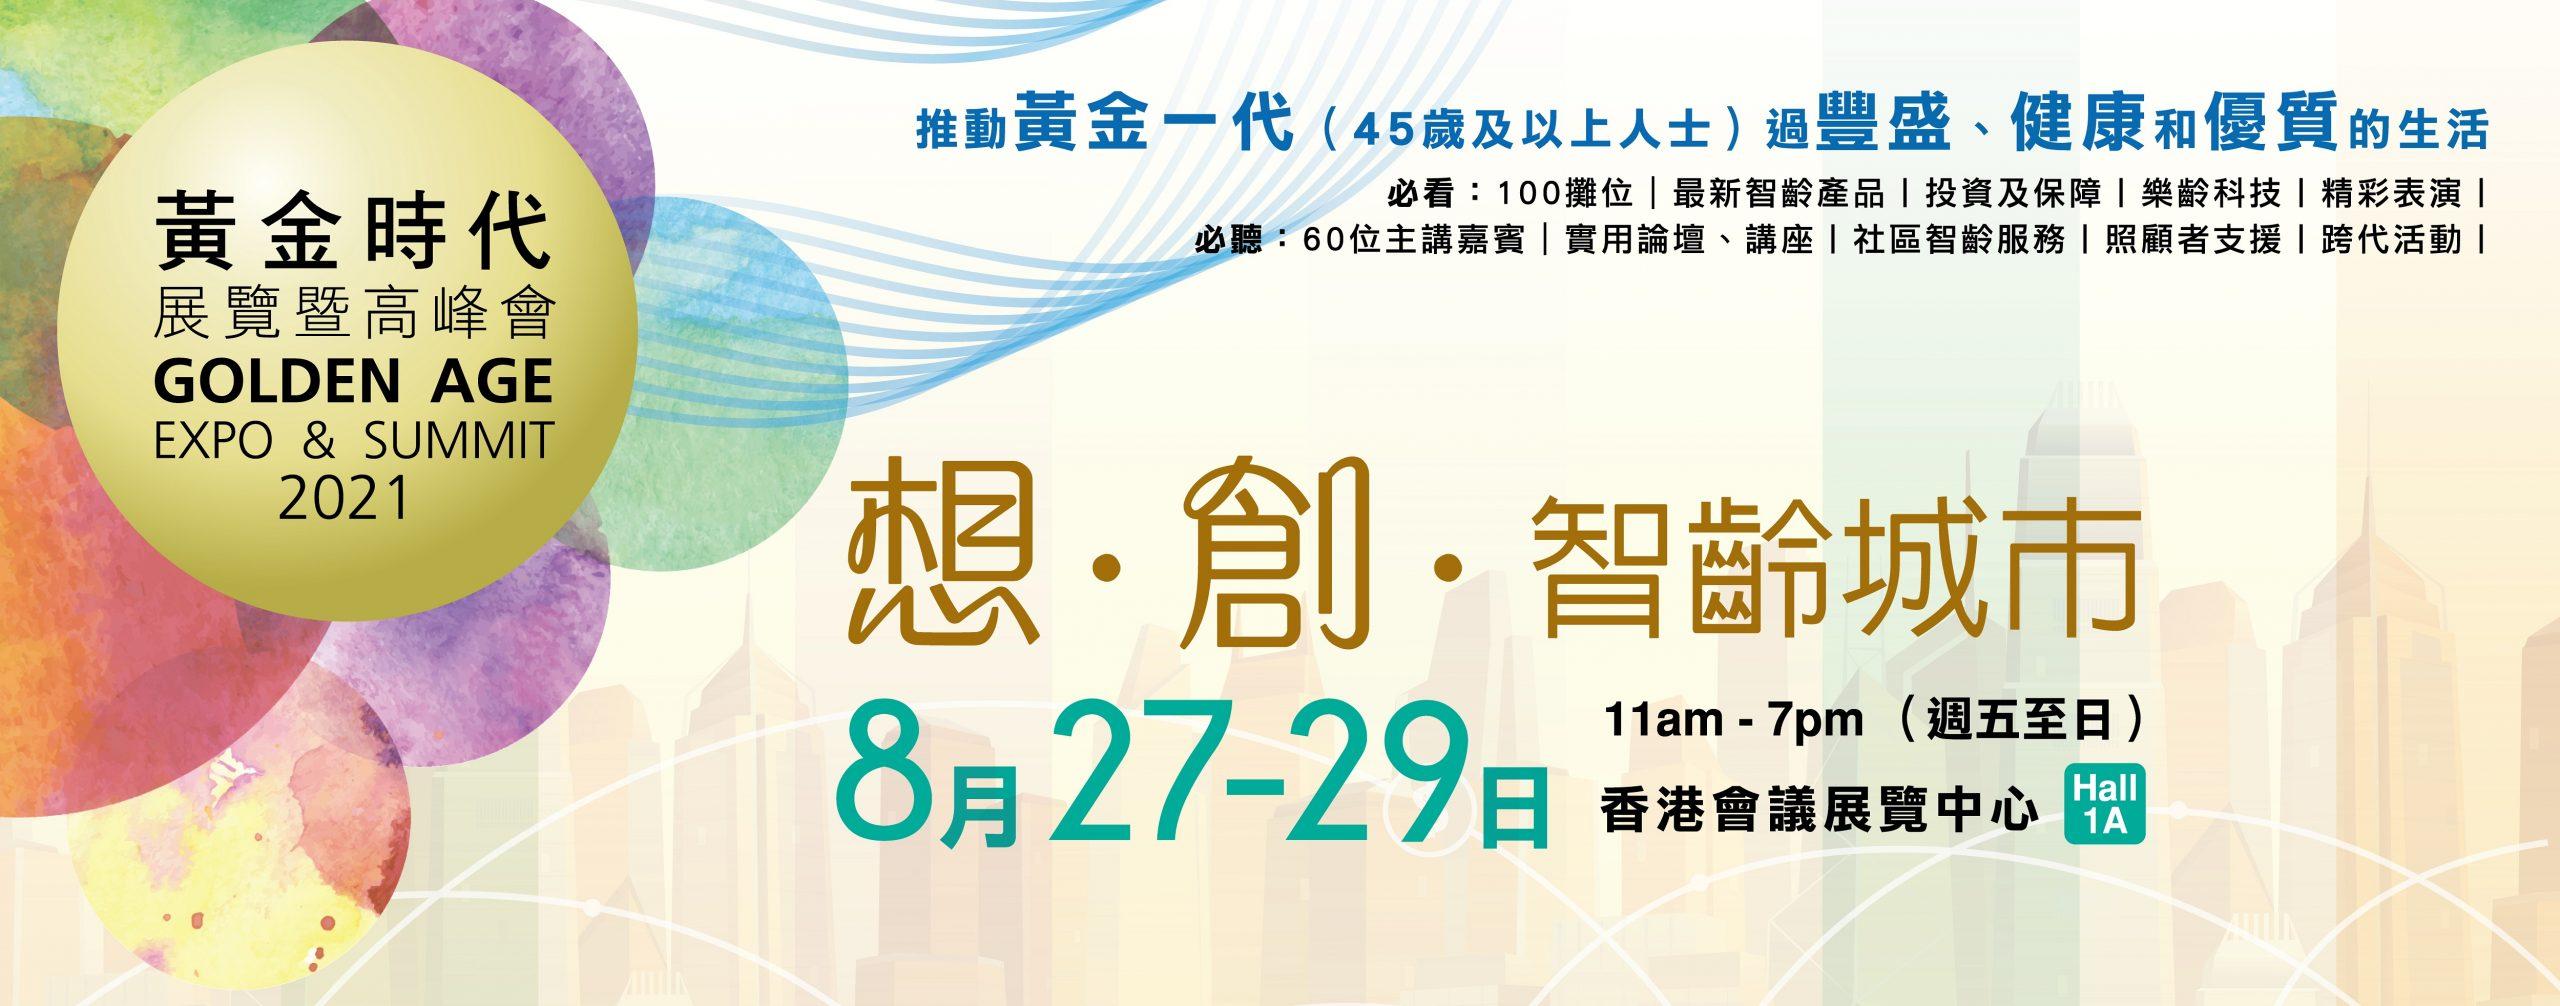 「黃金時代展覽暨高峰會 2021」 8月27會展 想·創·智齡城市